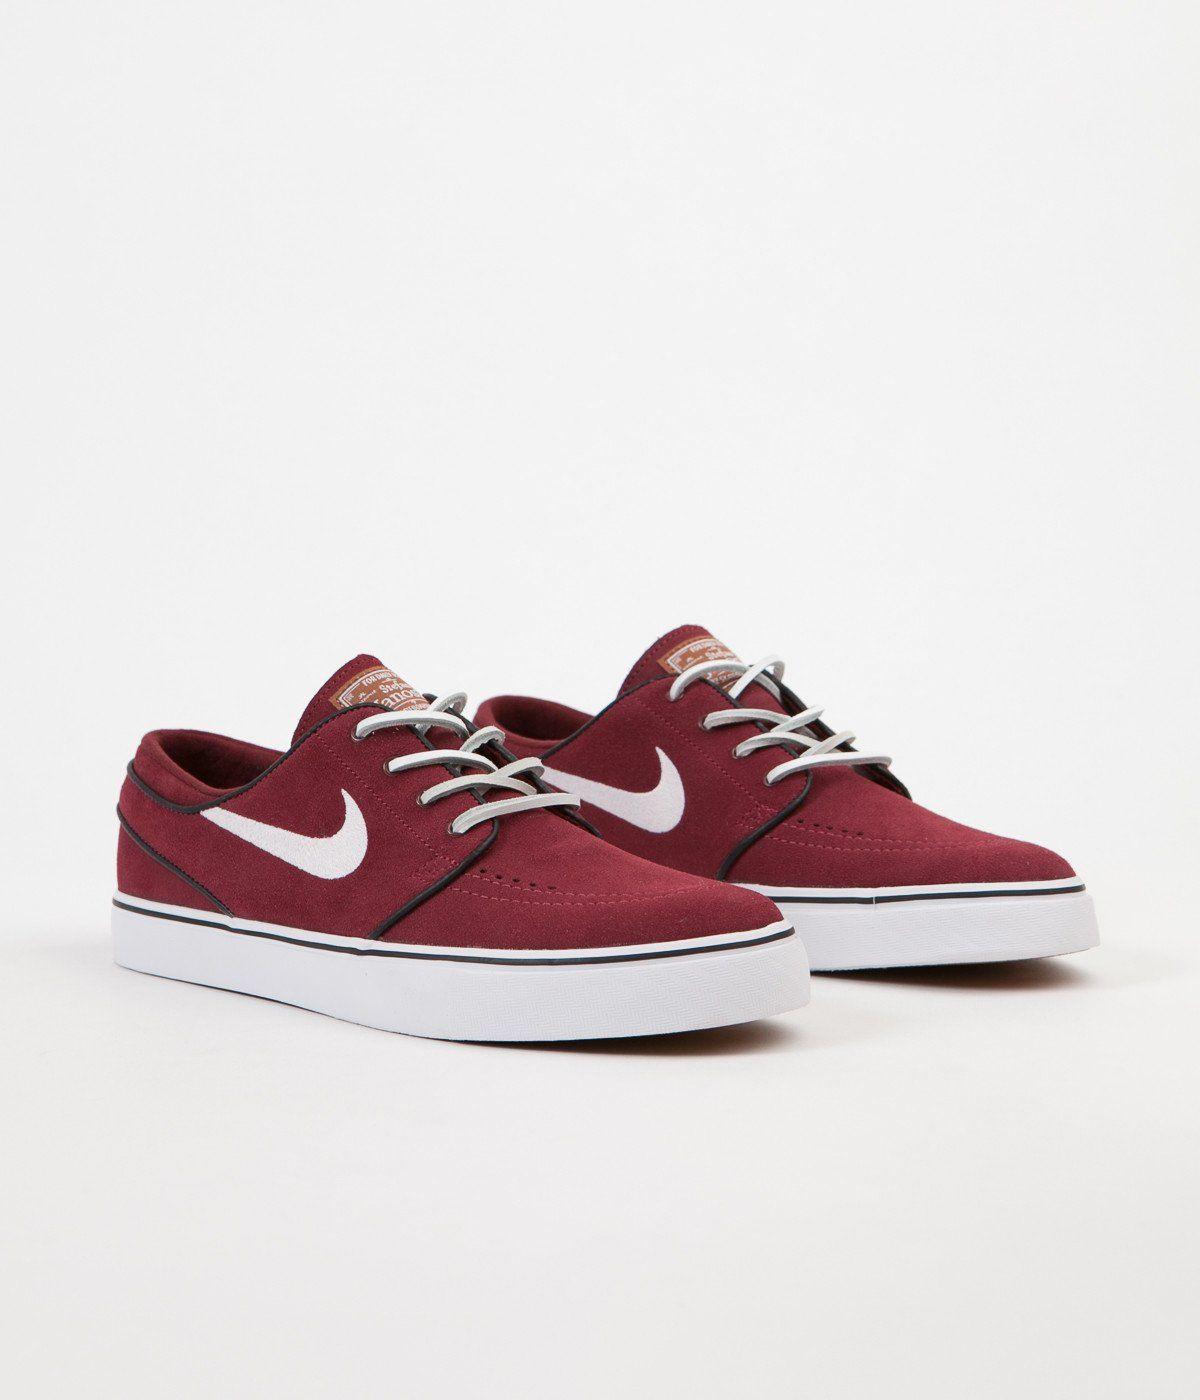 Nike SB Stefan Janoski OG Chaussures Rouge Earth / Blanc Noir Gum